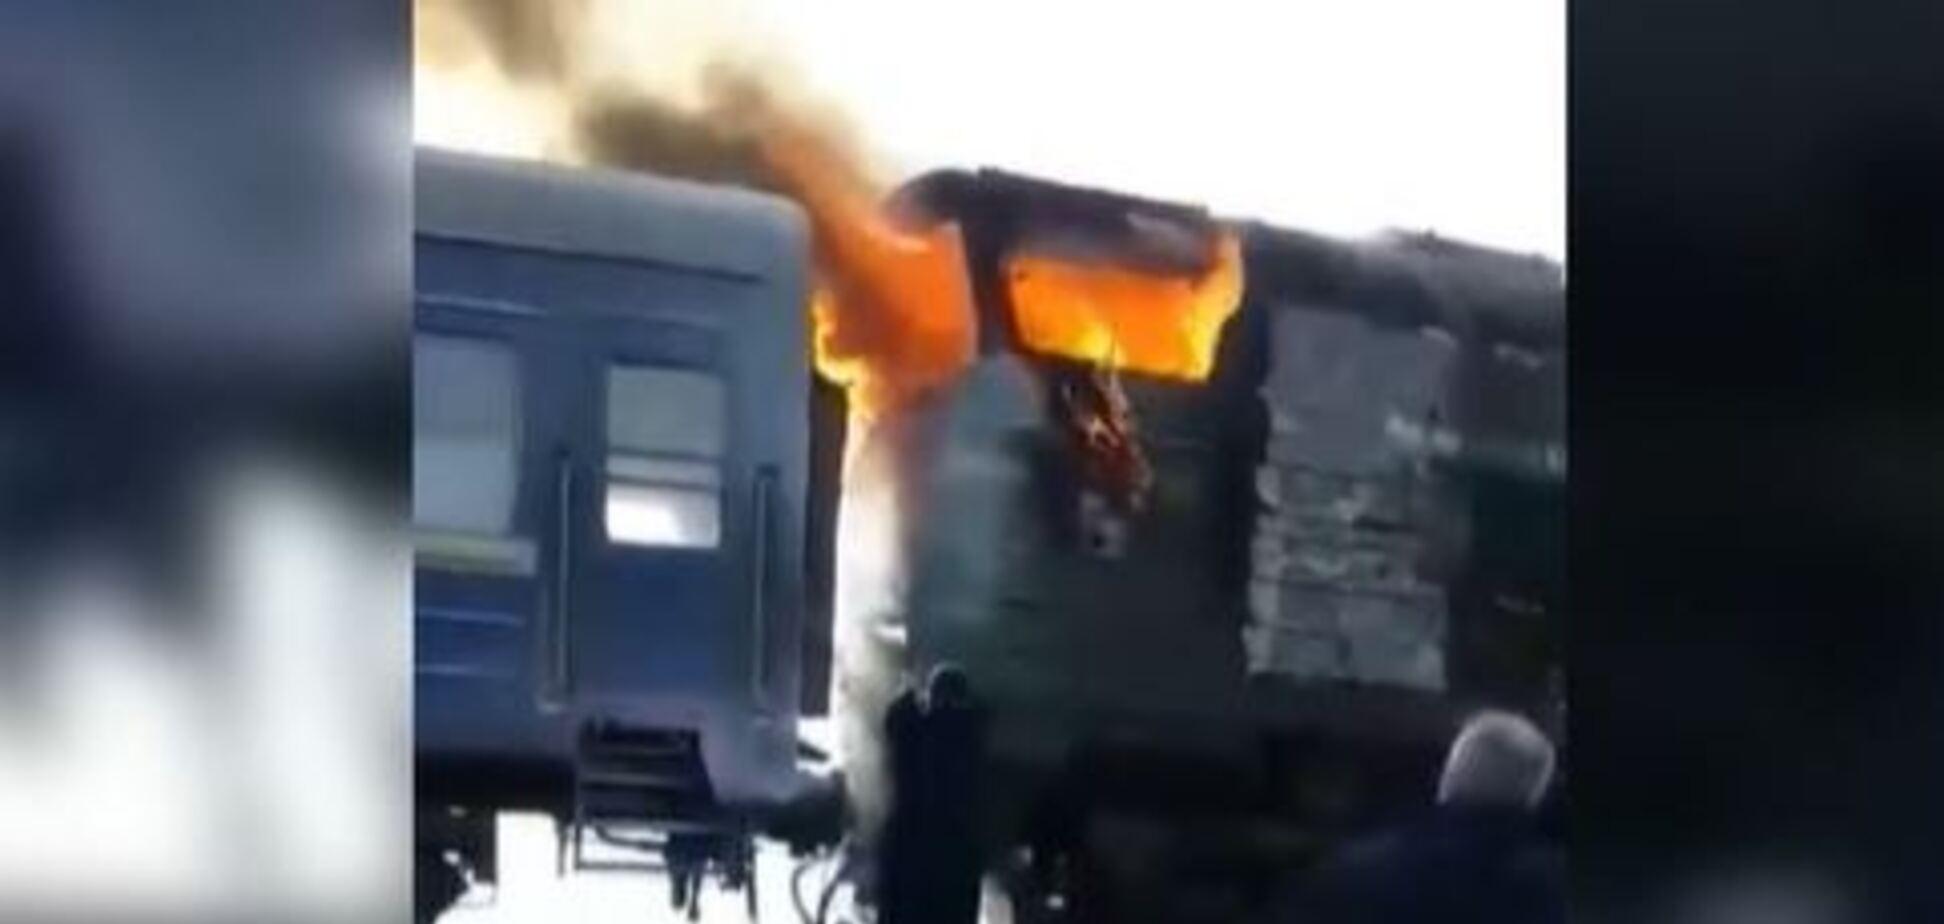 Поезд Харьков – Херсон с пассажирами загорелся на ходу: страшное видео